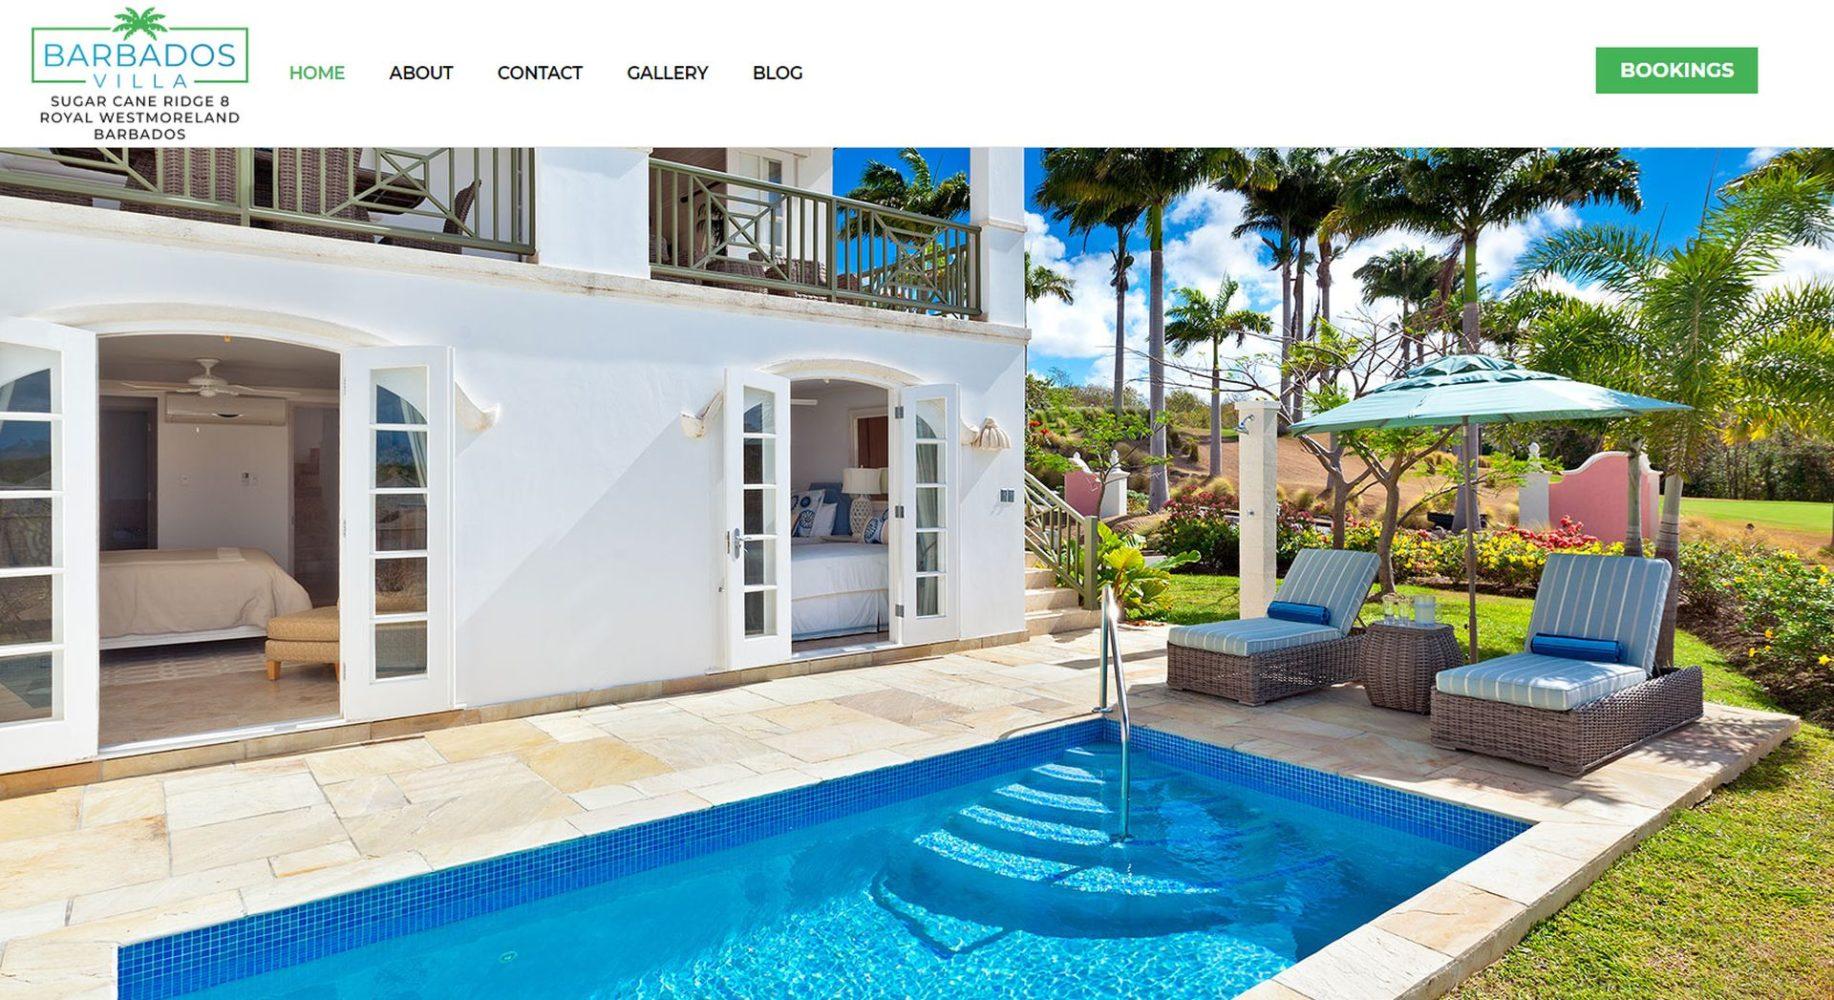 Barbados Villa Website Design Homepage